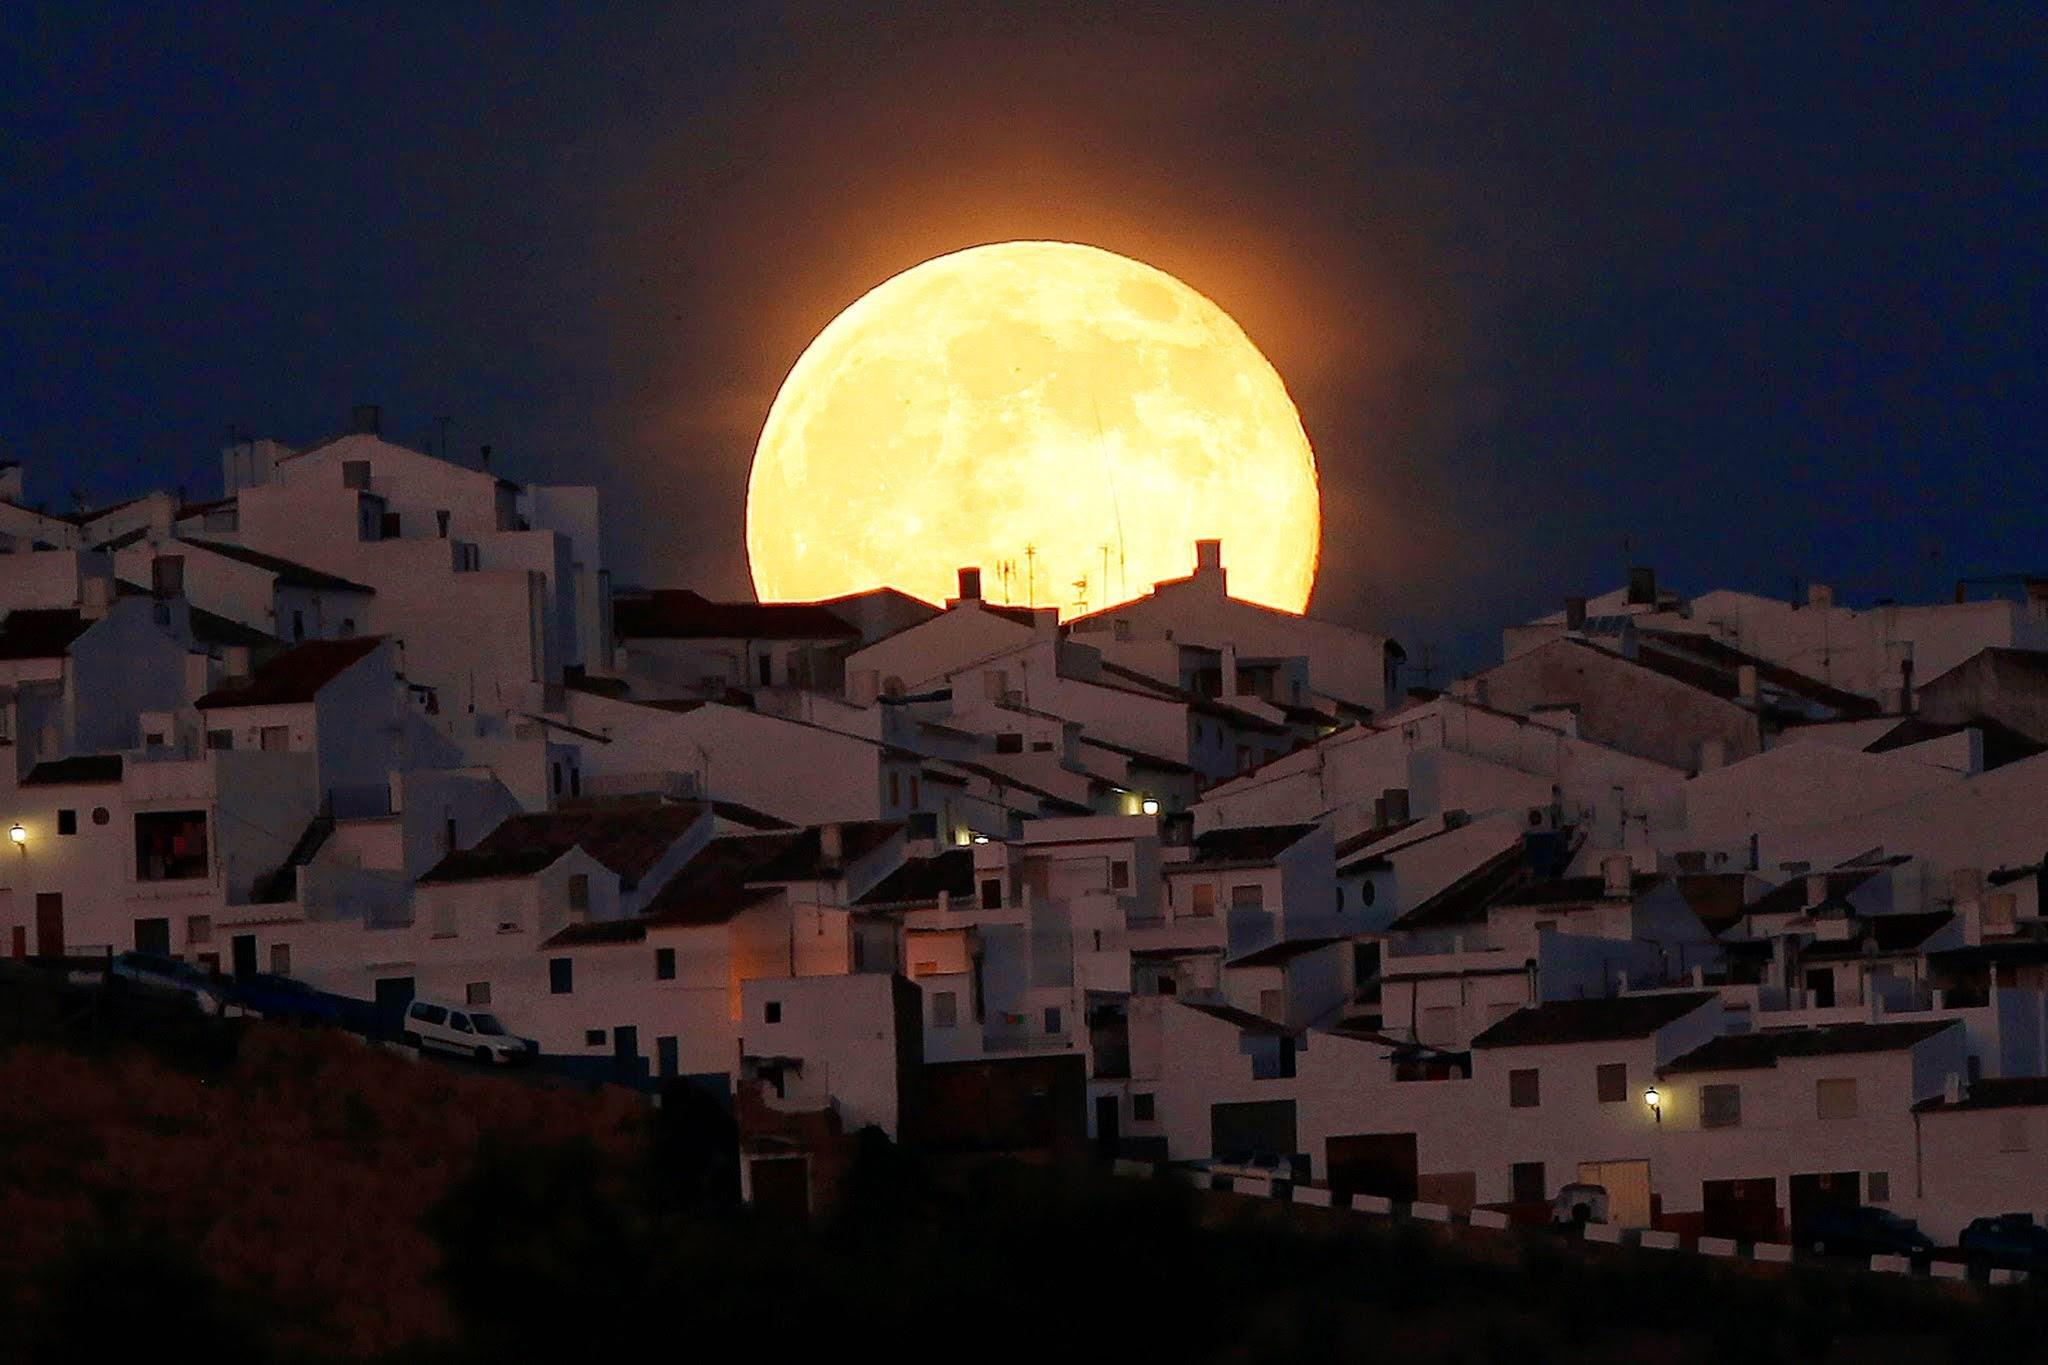 Ученые сообщили омаксимальном сближении Луны иЗемли